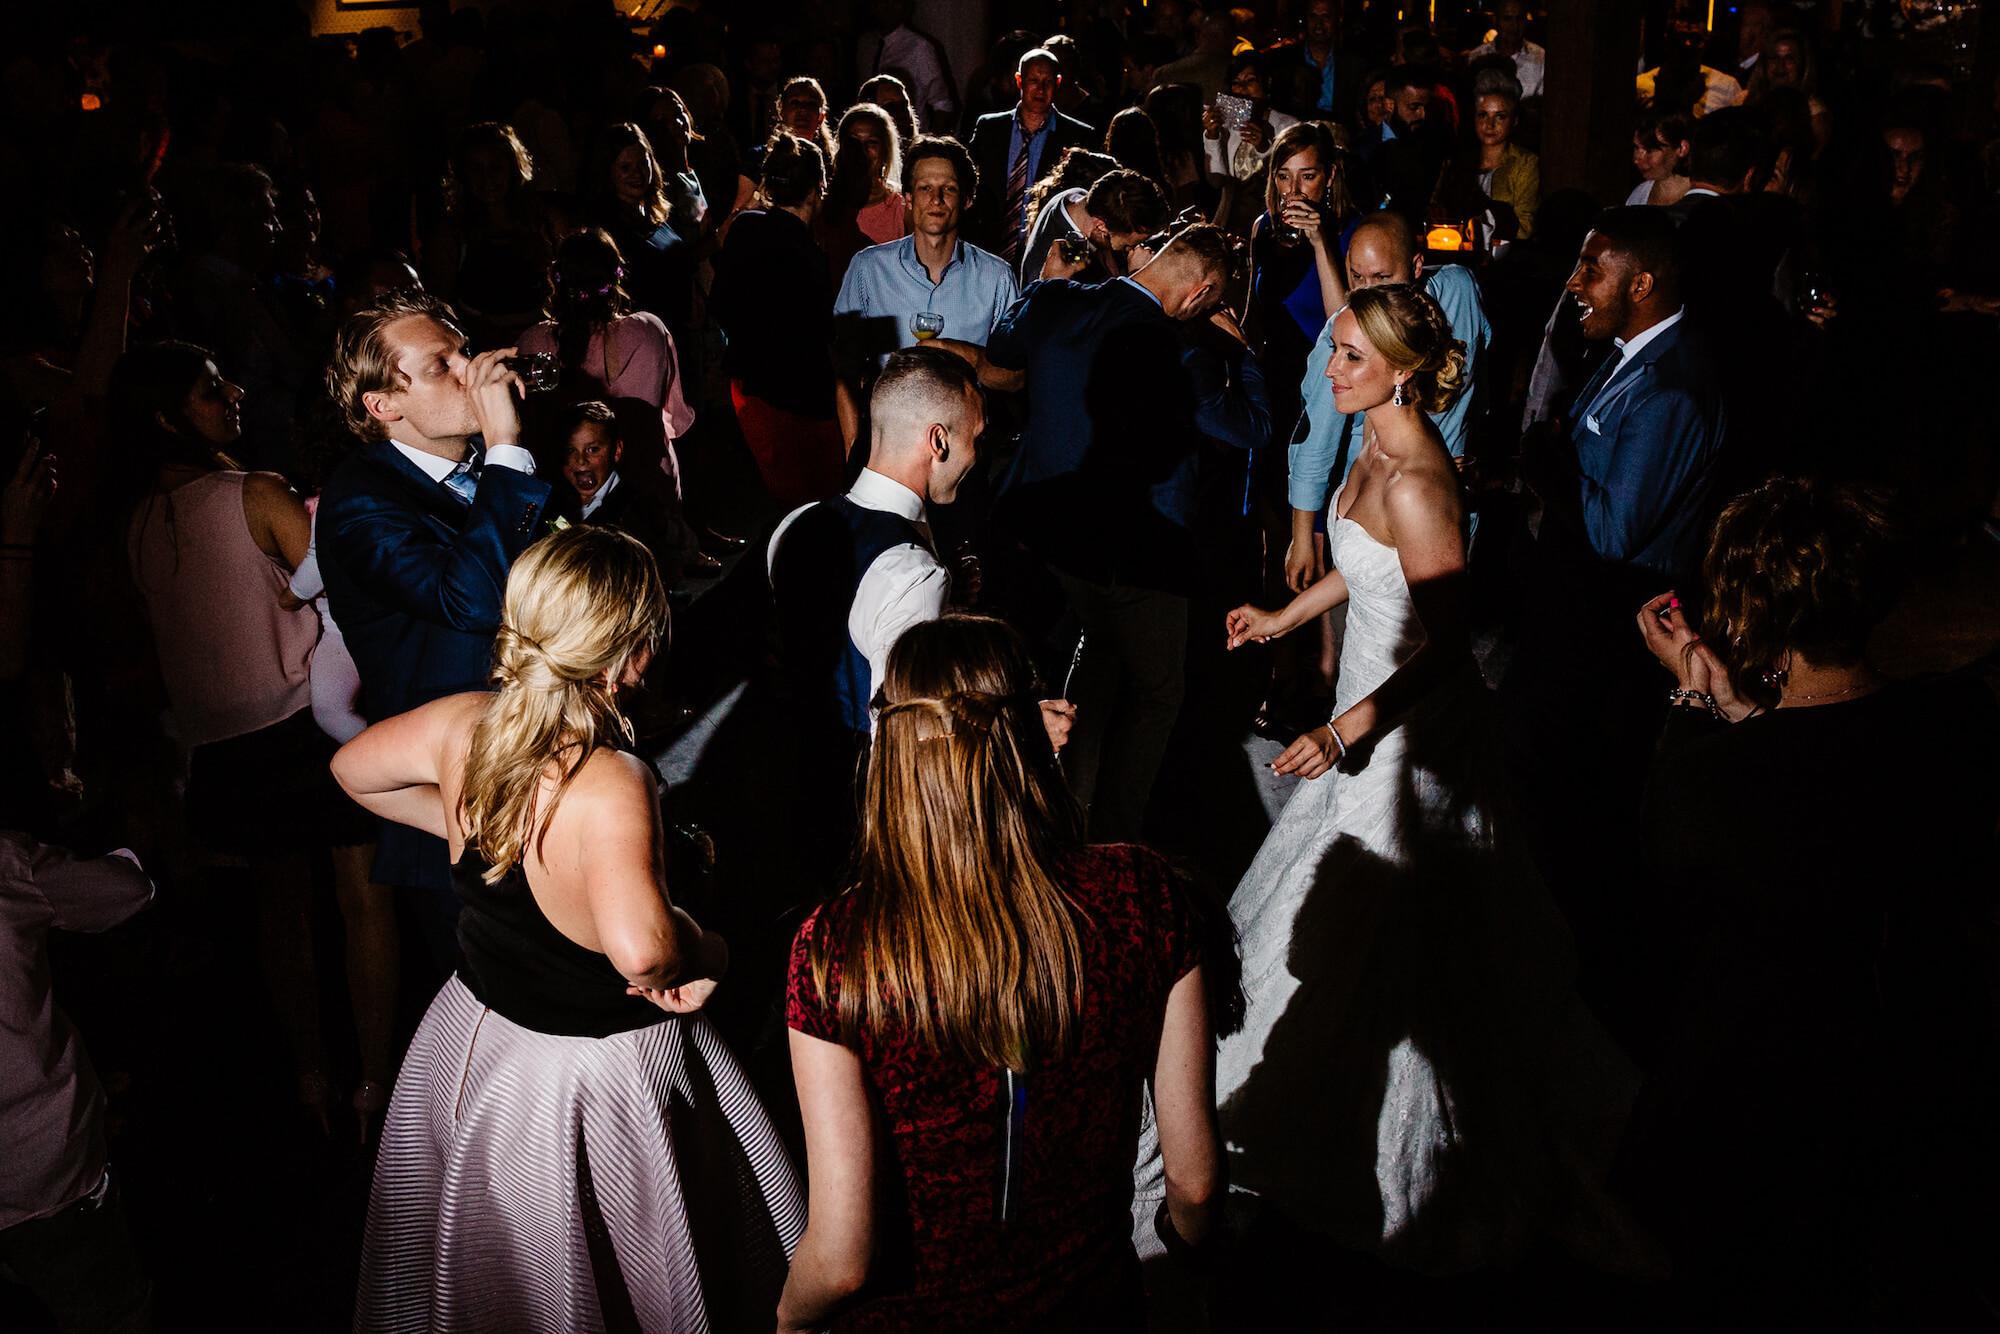 griekse-bruiloft-trouwfotograaf-utrecht-44.jpg